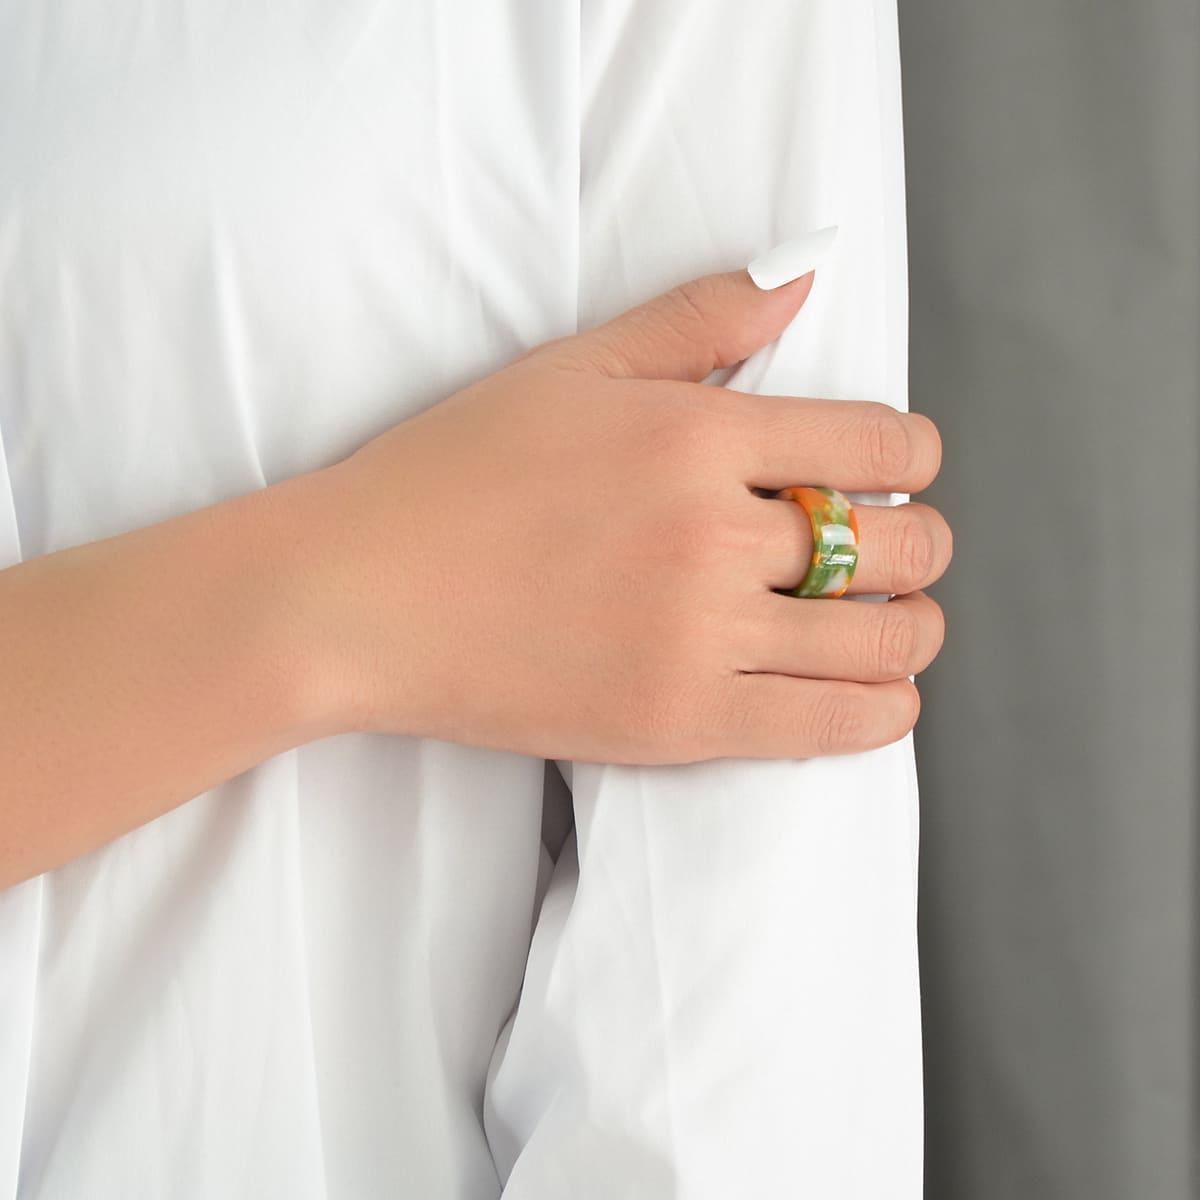 Контрастное кольцо из смолы по цене 140